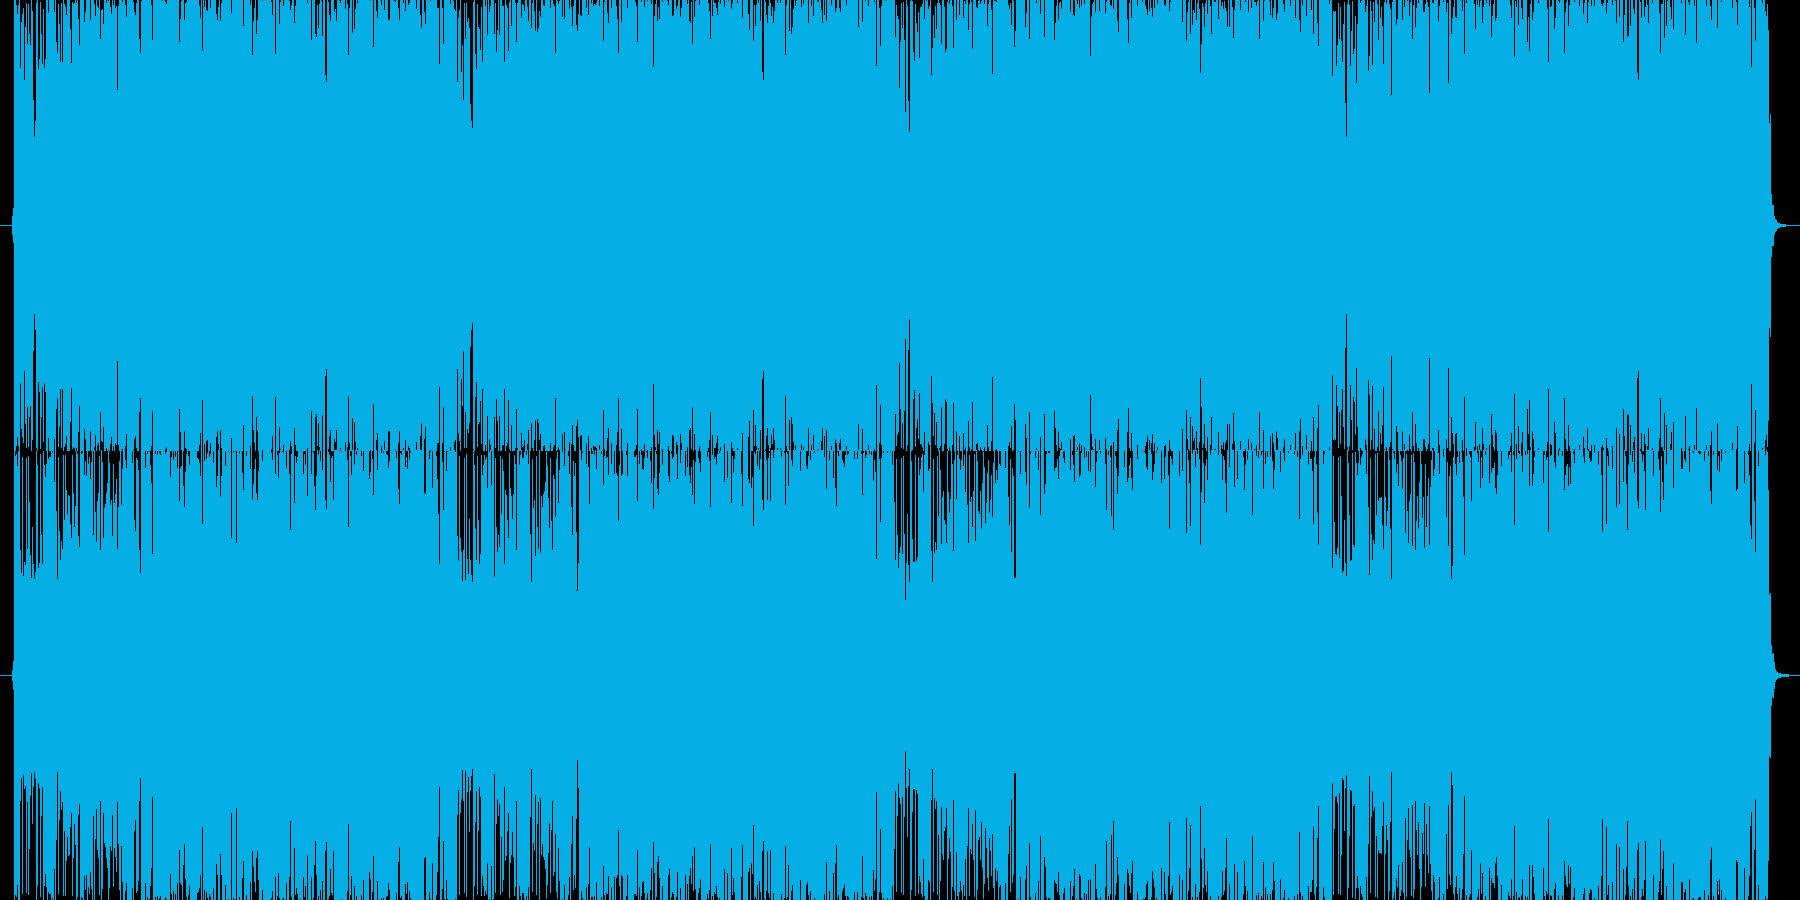 ファンキーなエレキと動くベースラインの再生済みの波形